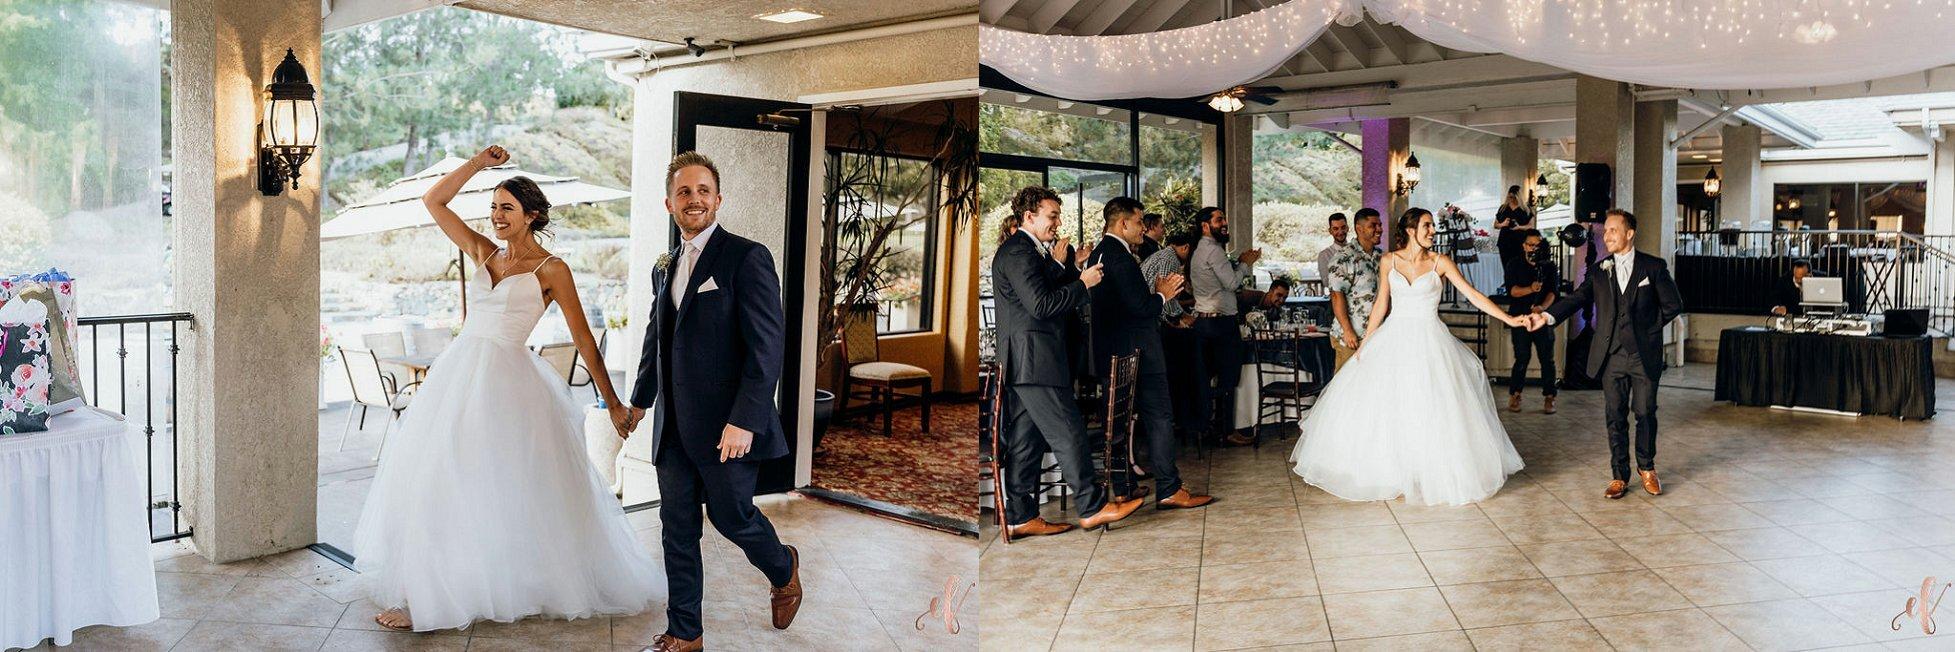 San Diego Wedding Photography Steele Canyon Golf Club_0088.jpg